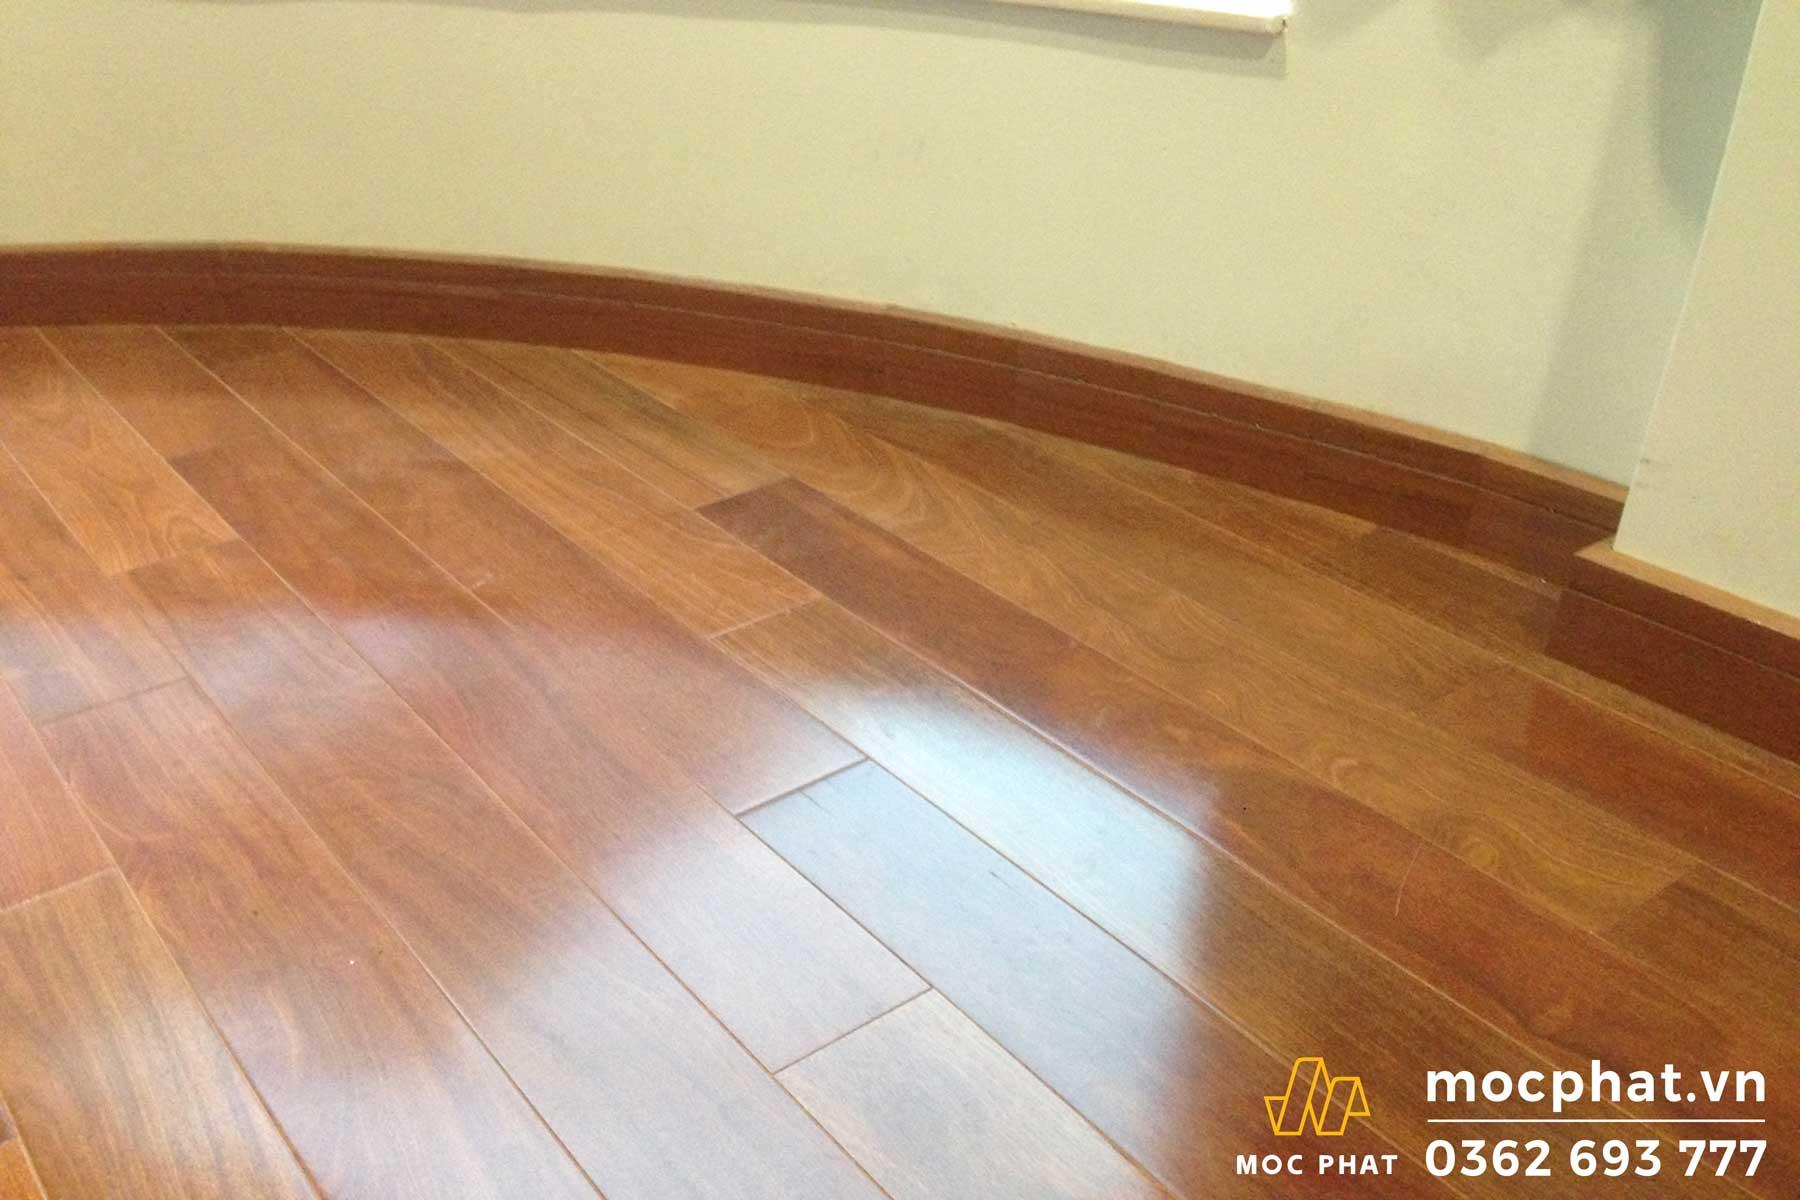 Cách đánh bóng sàn gỗ đơn giản, hiệu quả